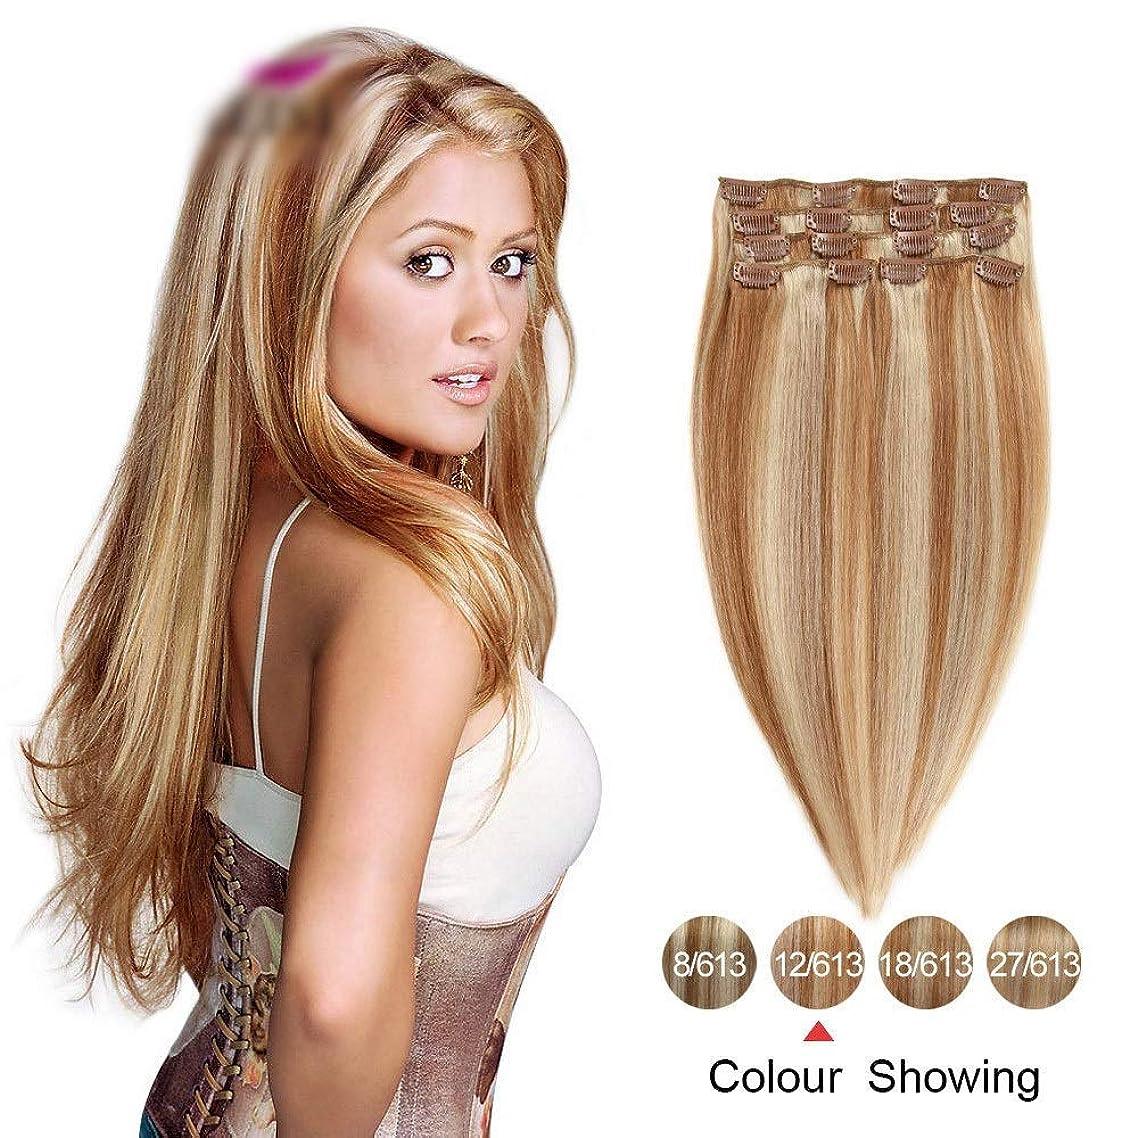 誇りに思う確保する統治するHOHYLLYA ヘアエクステンションカラー#12/613ブロンドトゥブラウン20インチ人毛エクステンションクリップフルヘッドセット7pcs / 70gロールプレイングかつら女性用ナチュラルウィッグ (色 : #12/613 blonde)